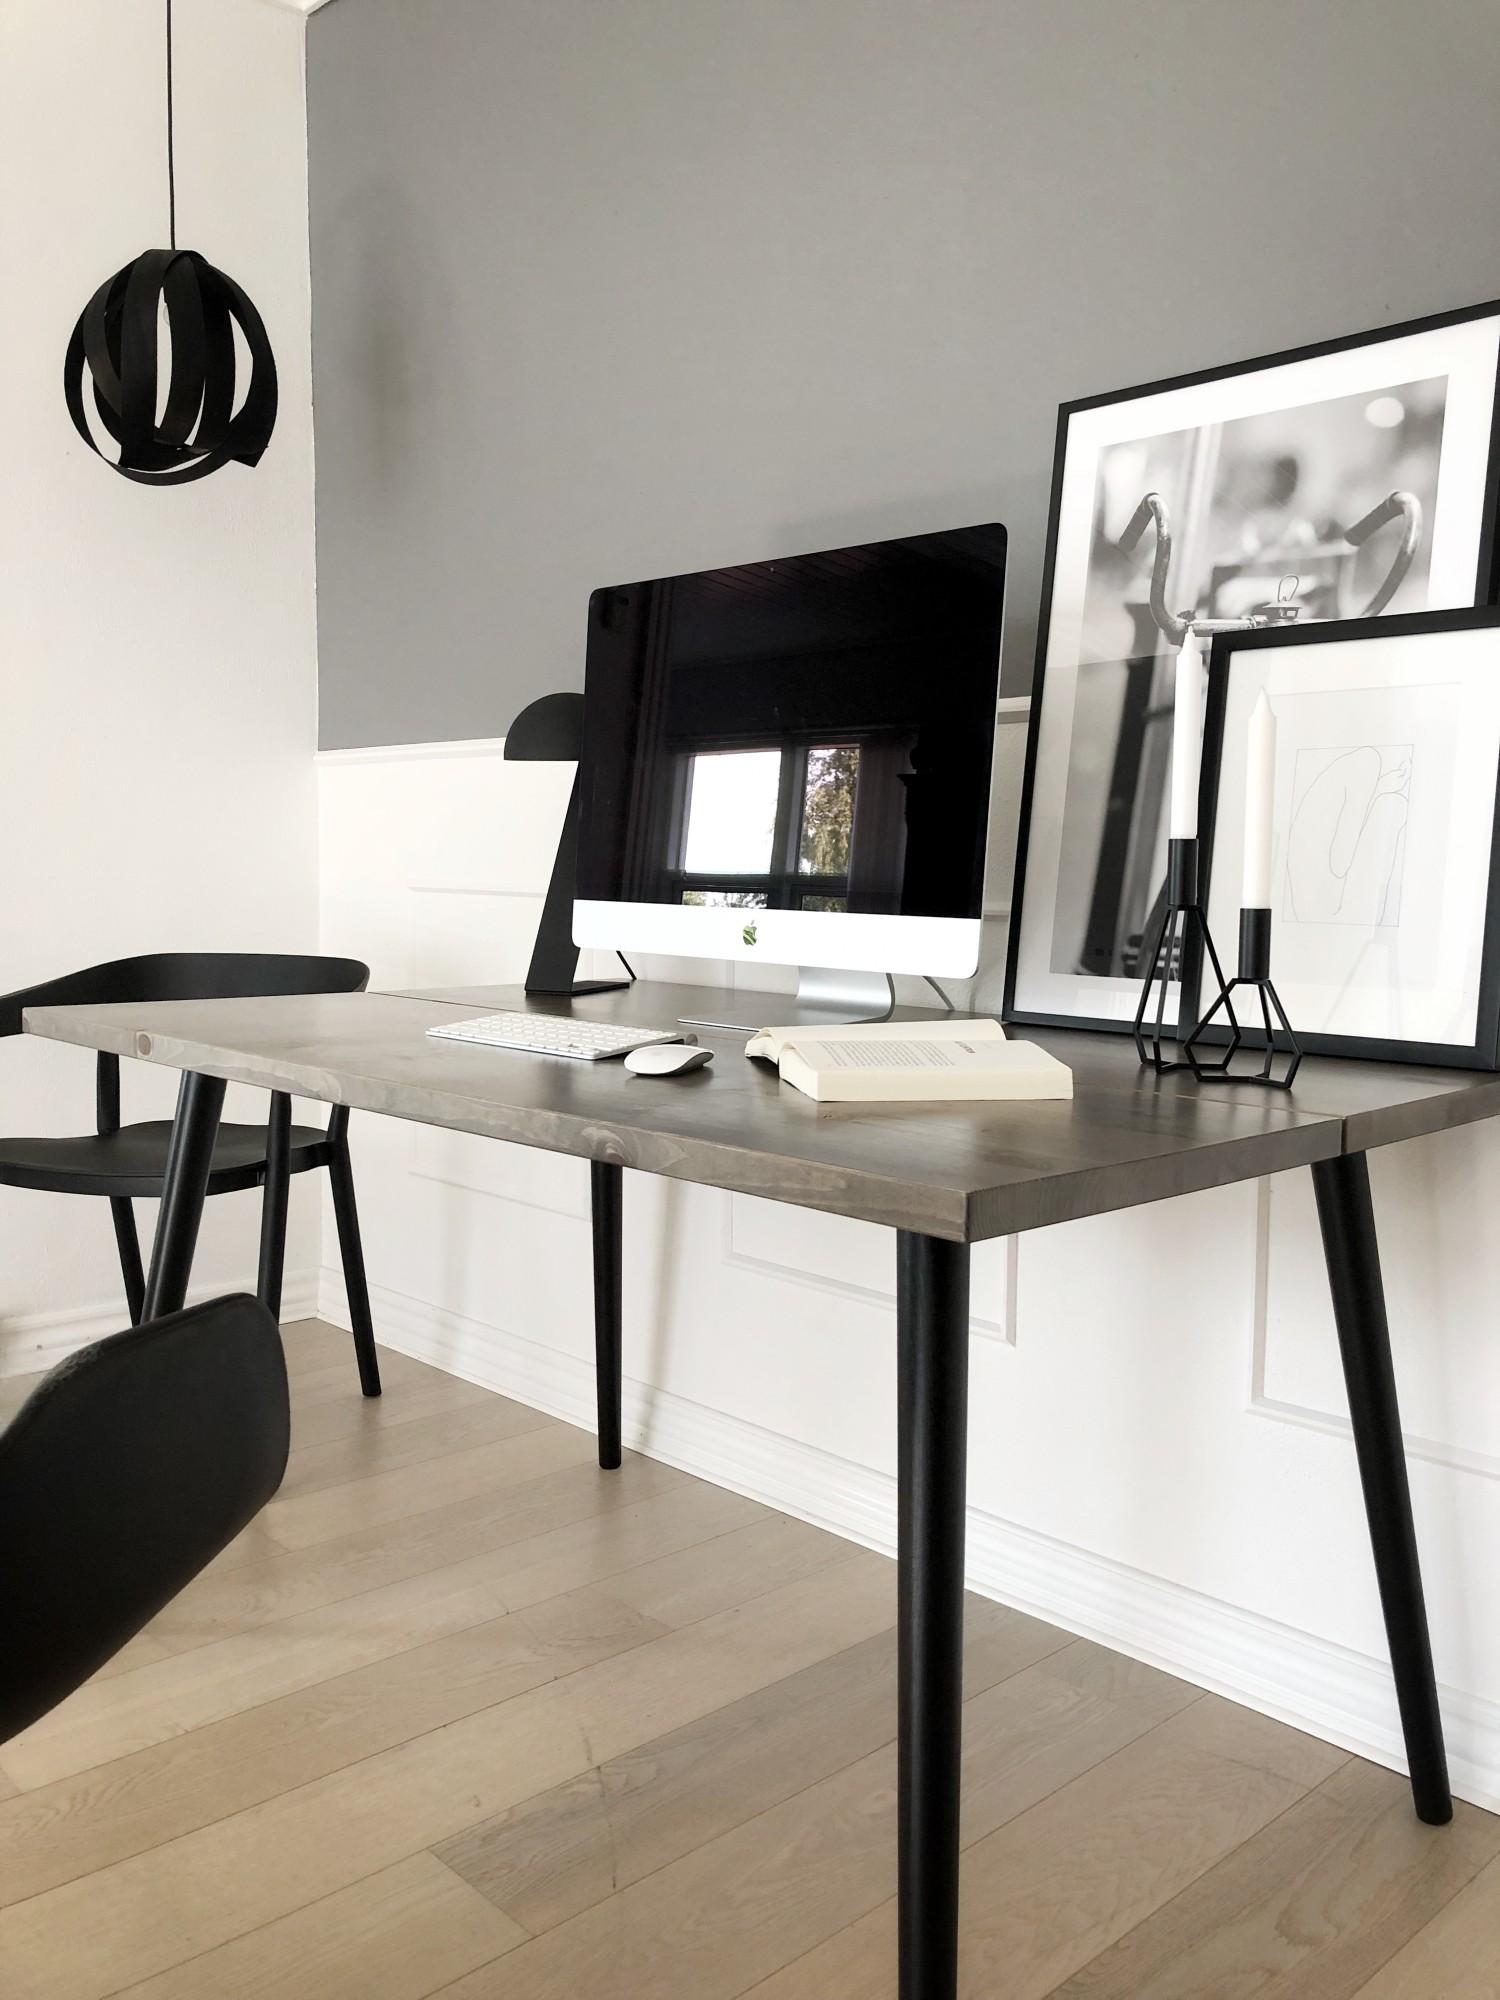 Plankebord på kontoret